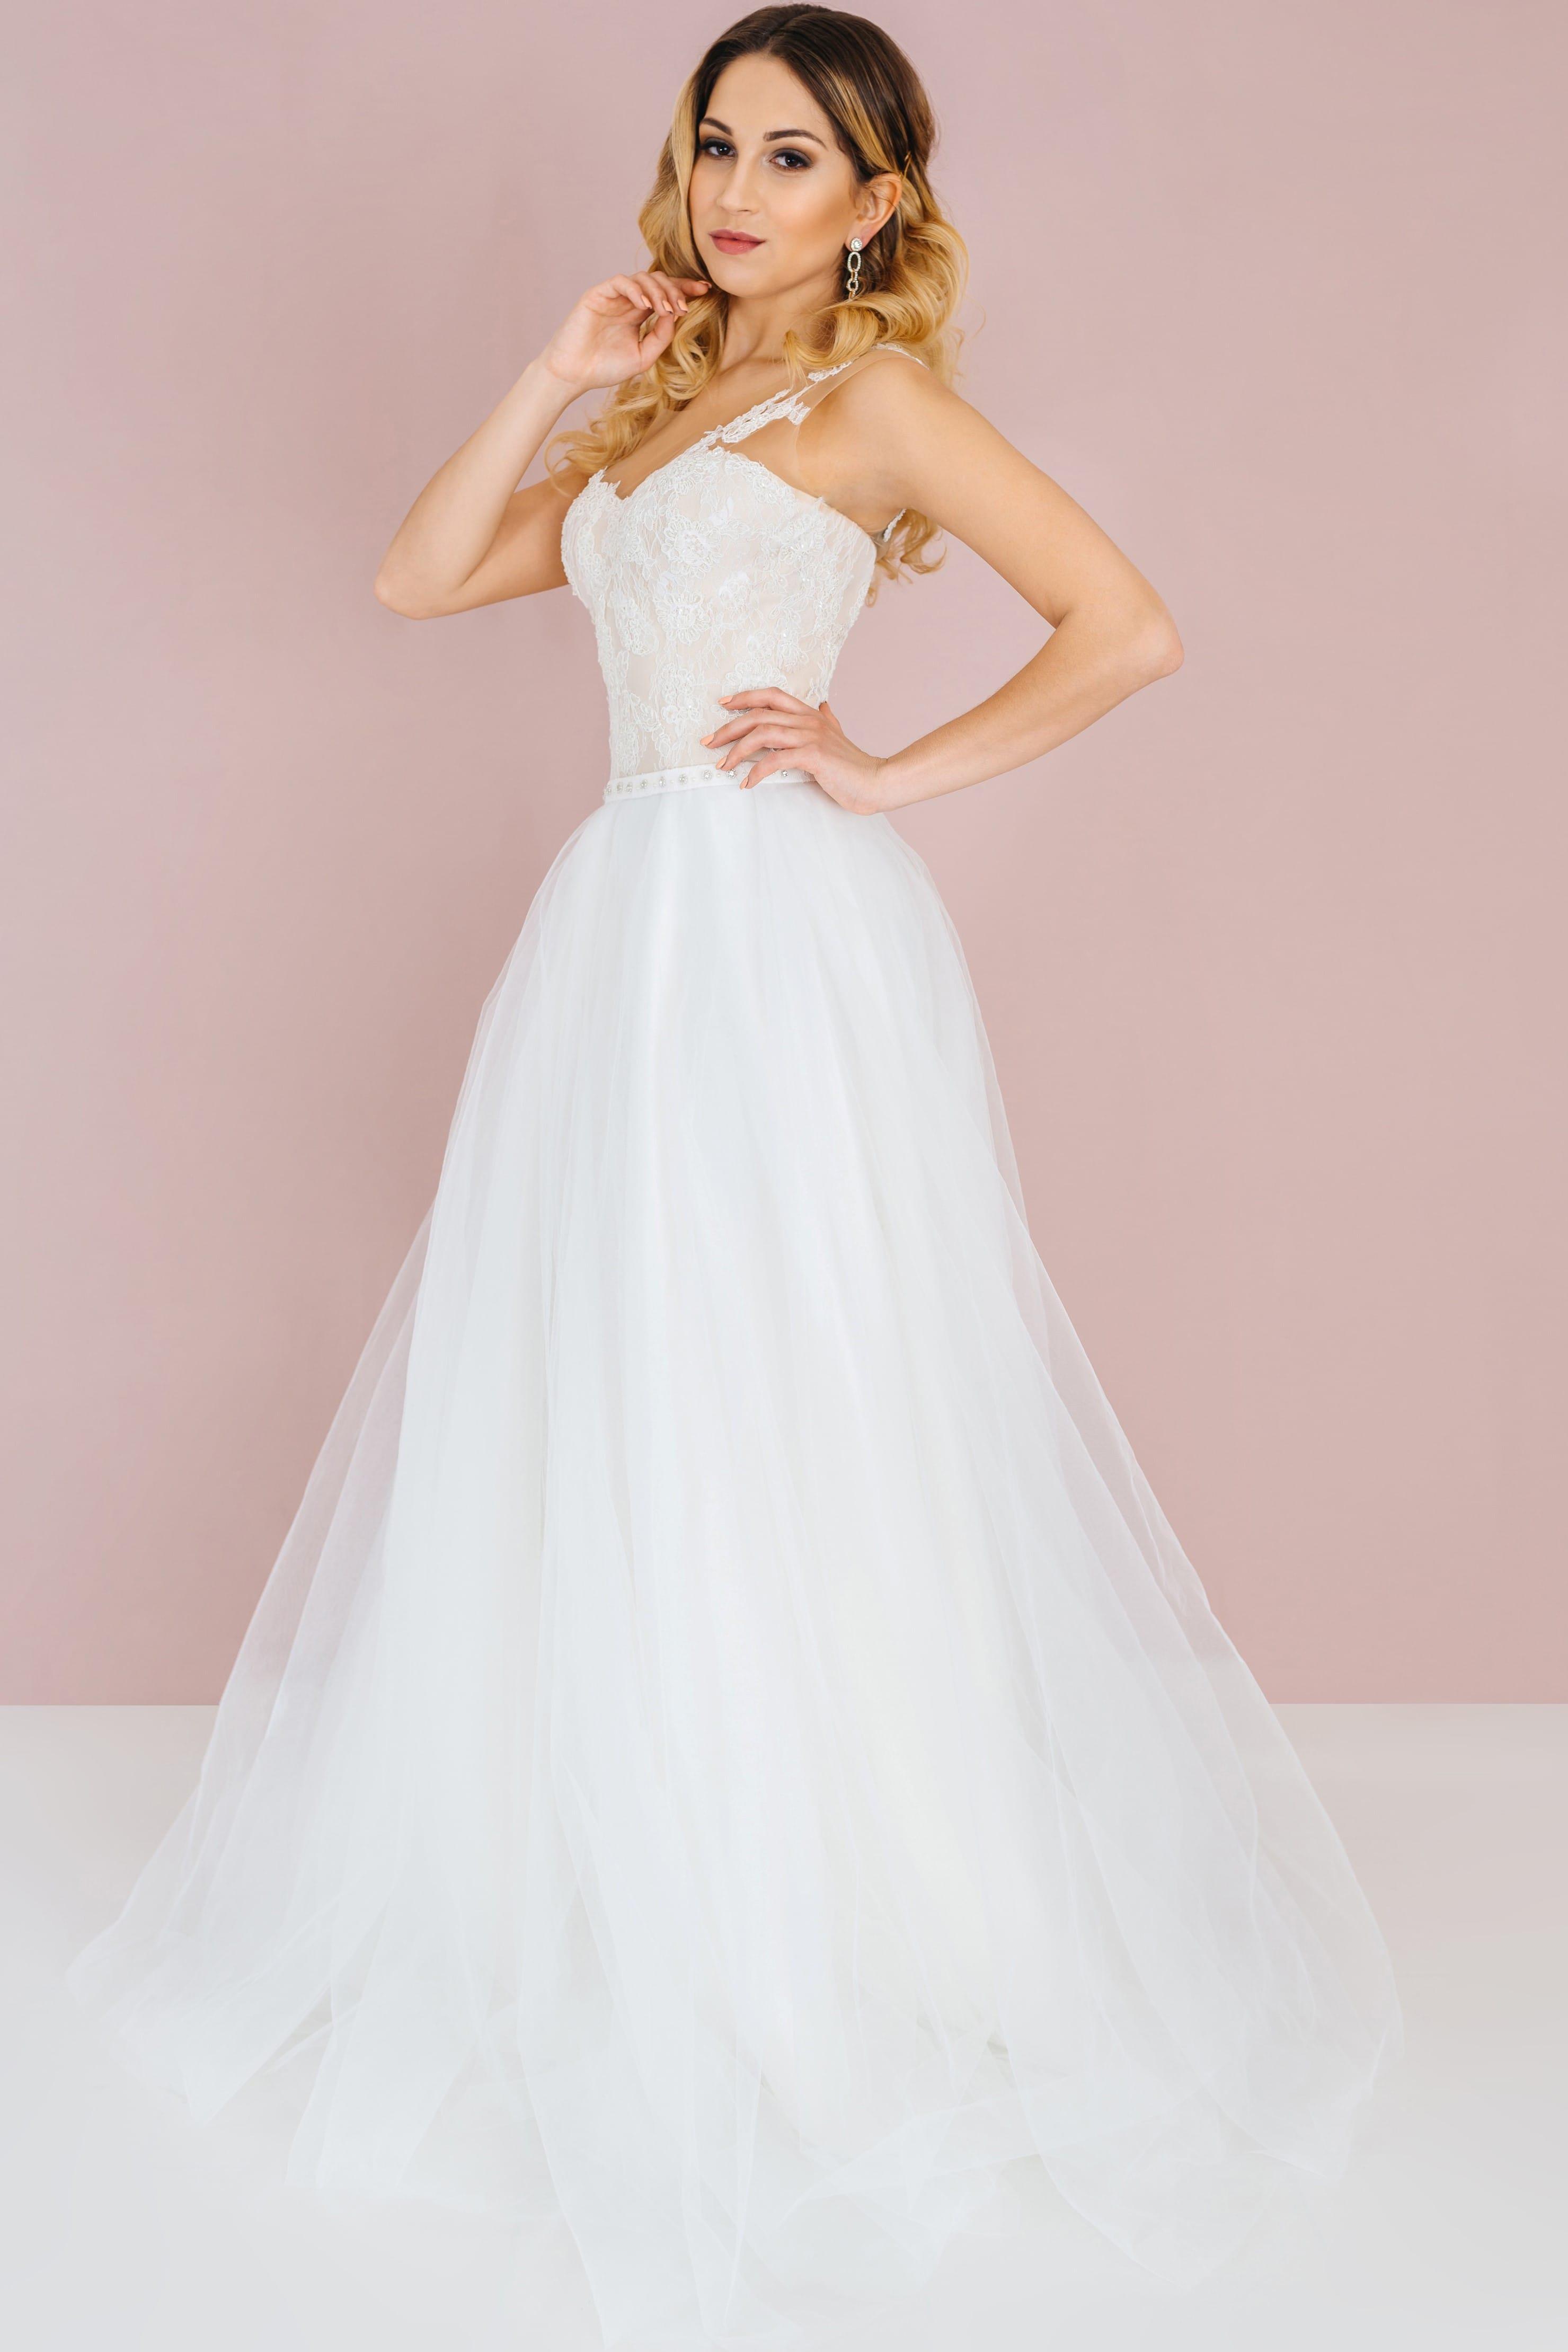 Свадебное платье FLORA, коллекция LOFT, бренд RARE BRIDAL, фото 1